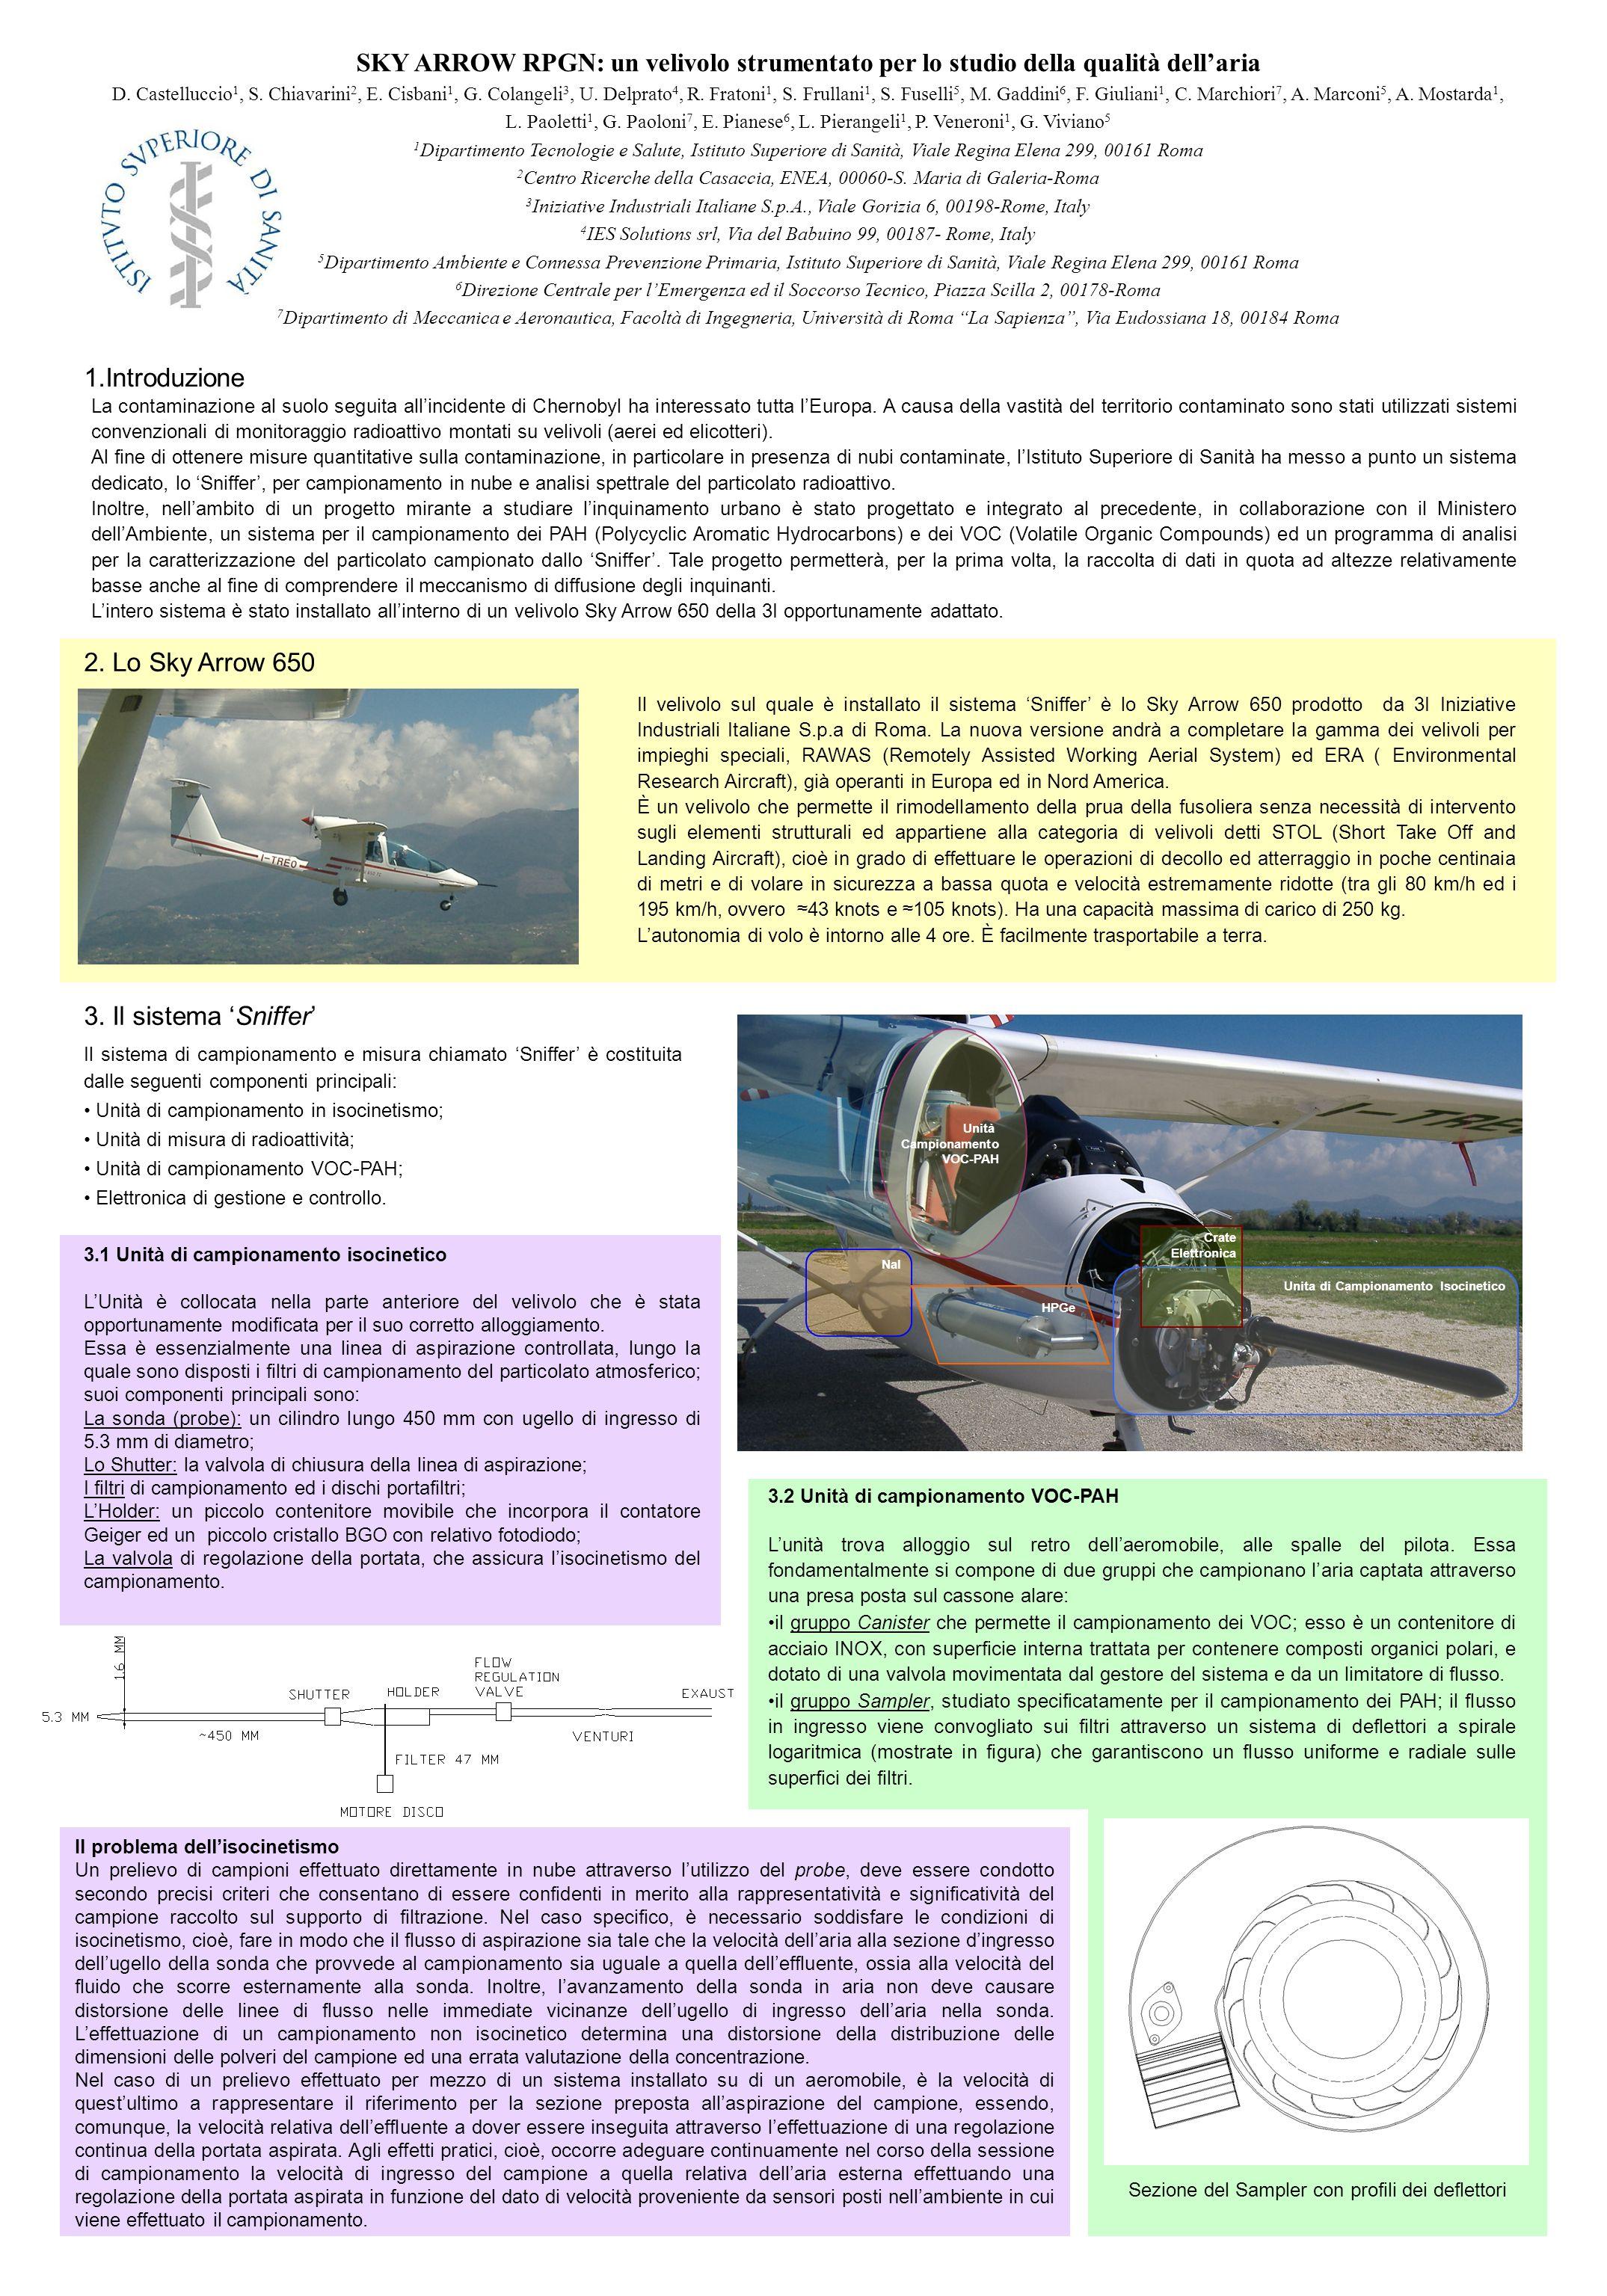 SKY ARROW RPGN: un velivolo strumentato per lo studio della qualità dellaria D. Castelluccio 1, S. Chiavarini 2, E. Cisbani 1, G. Colangeli 3, U. Delp